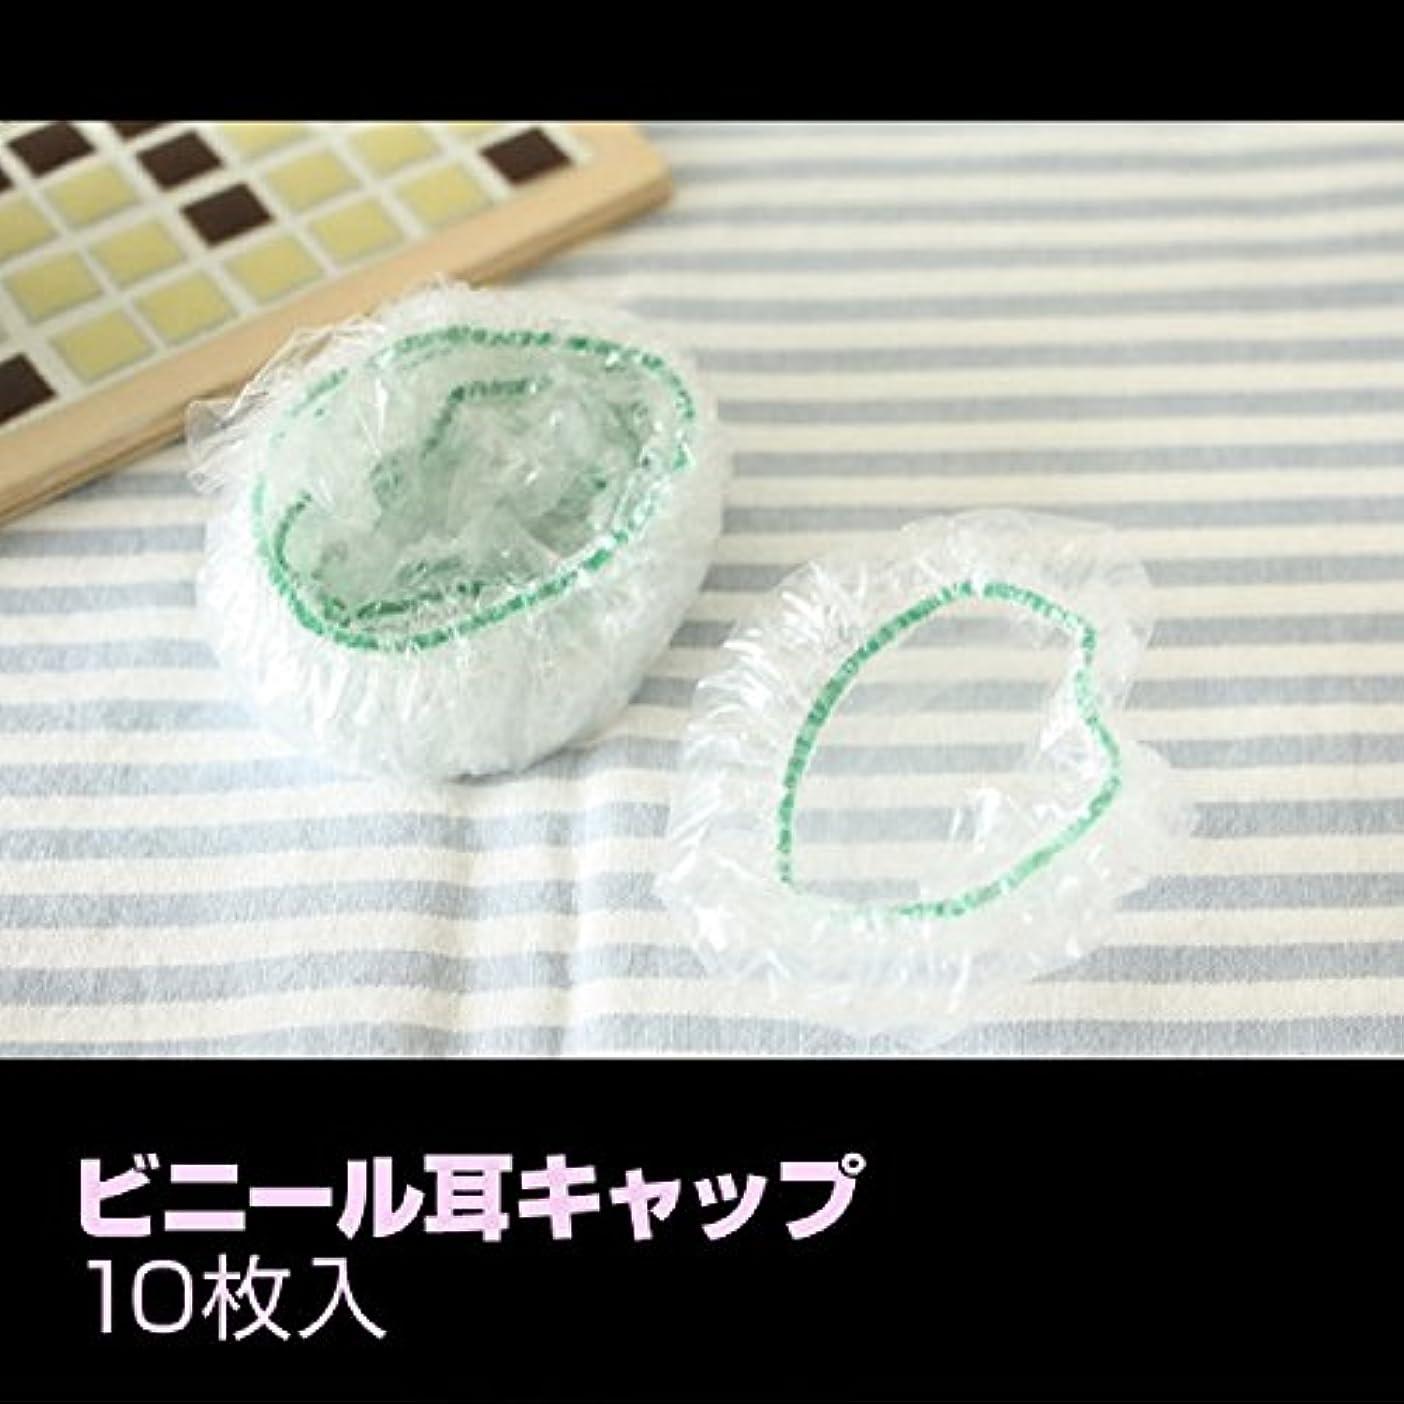 売り手近代化する肉屋ビニール耳キャップ10枚入(5ペア)